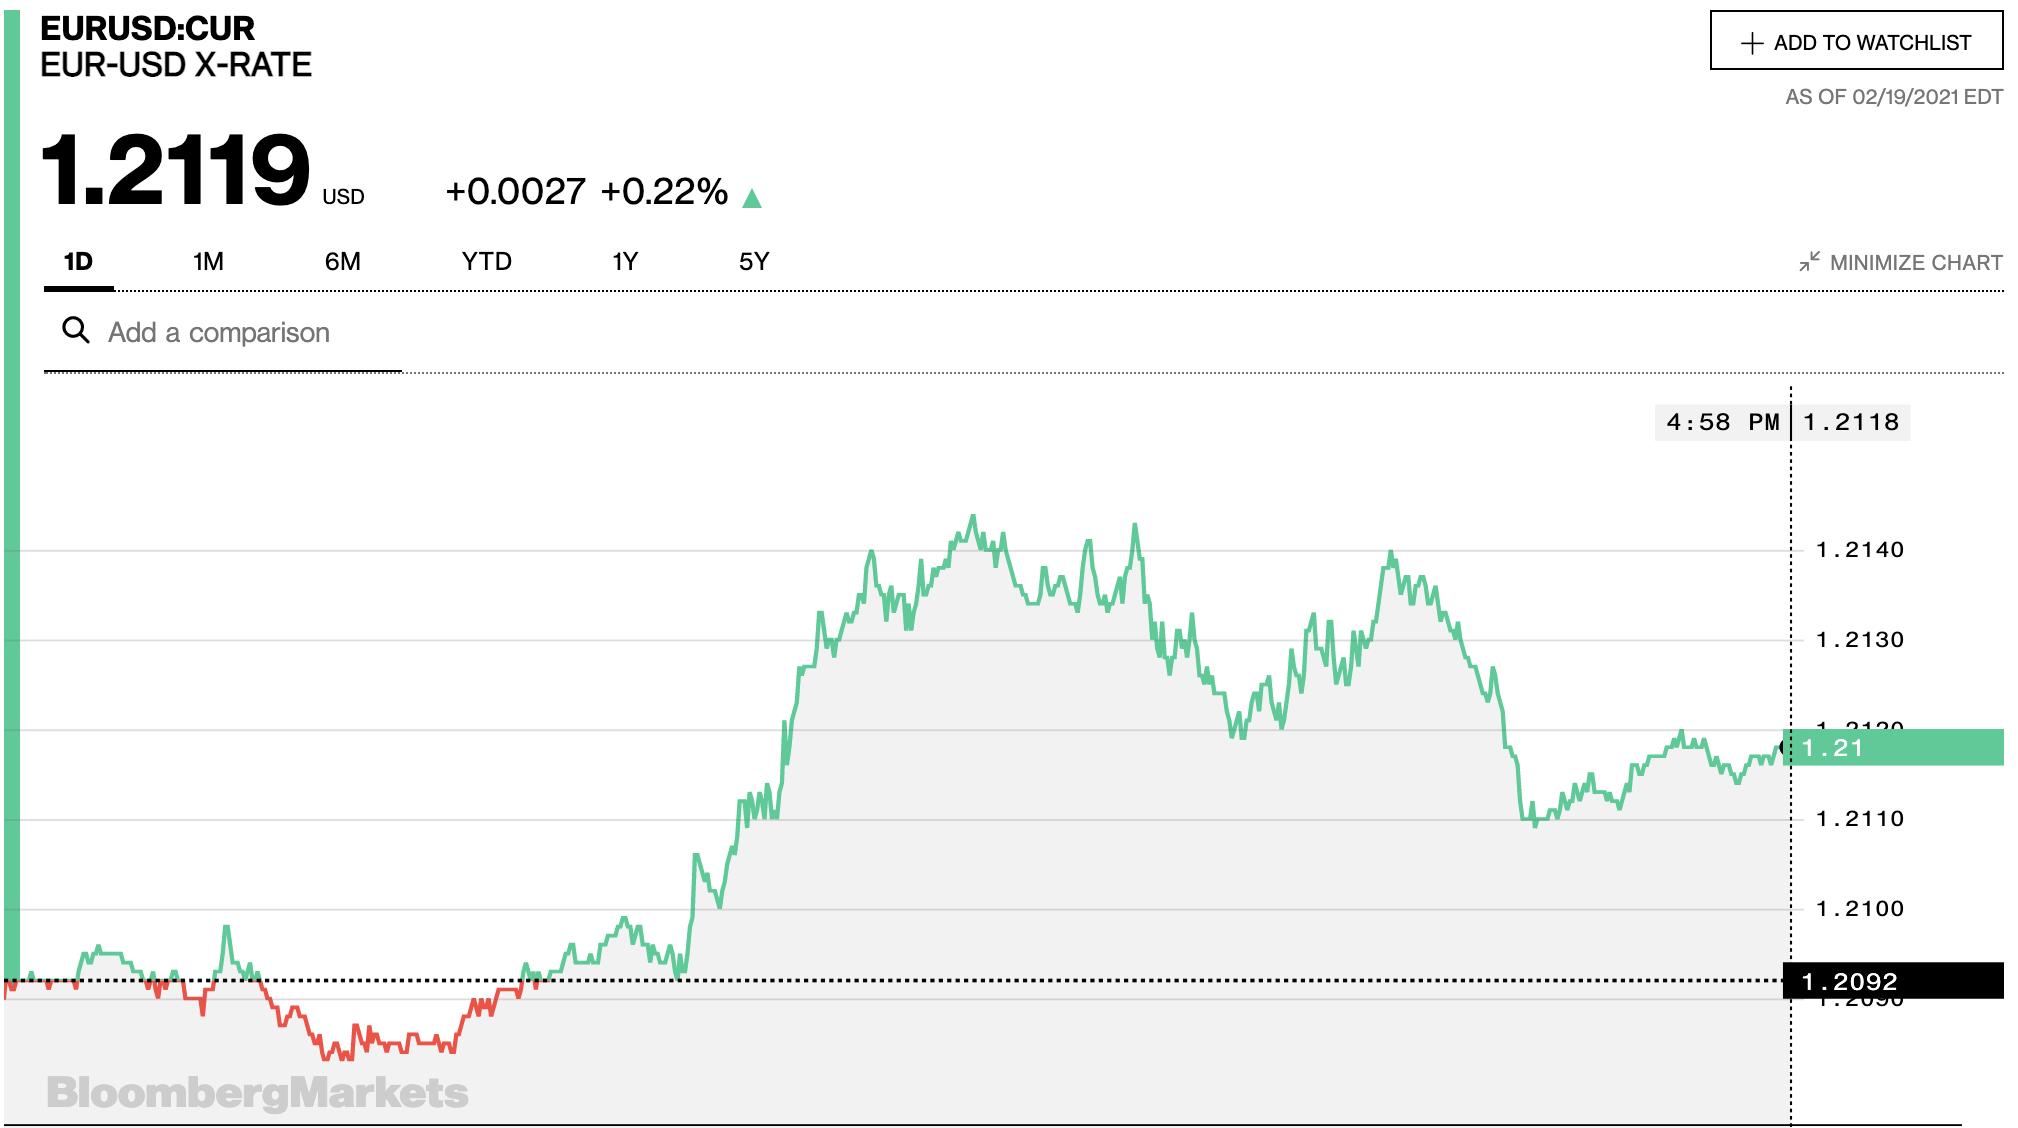 Tỷ giá euro hôm nay 20/2: Tiếp tục tăng đồng loạt tại các ngân hàng trong nước - Ảnh 2.